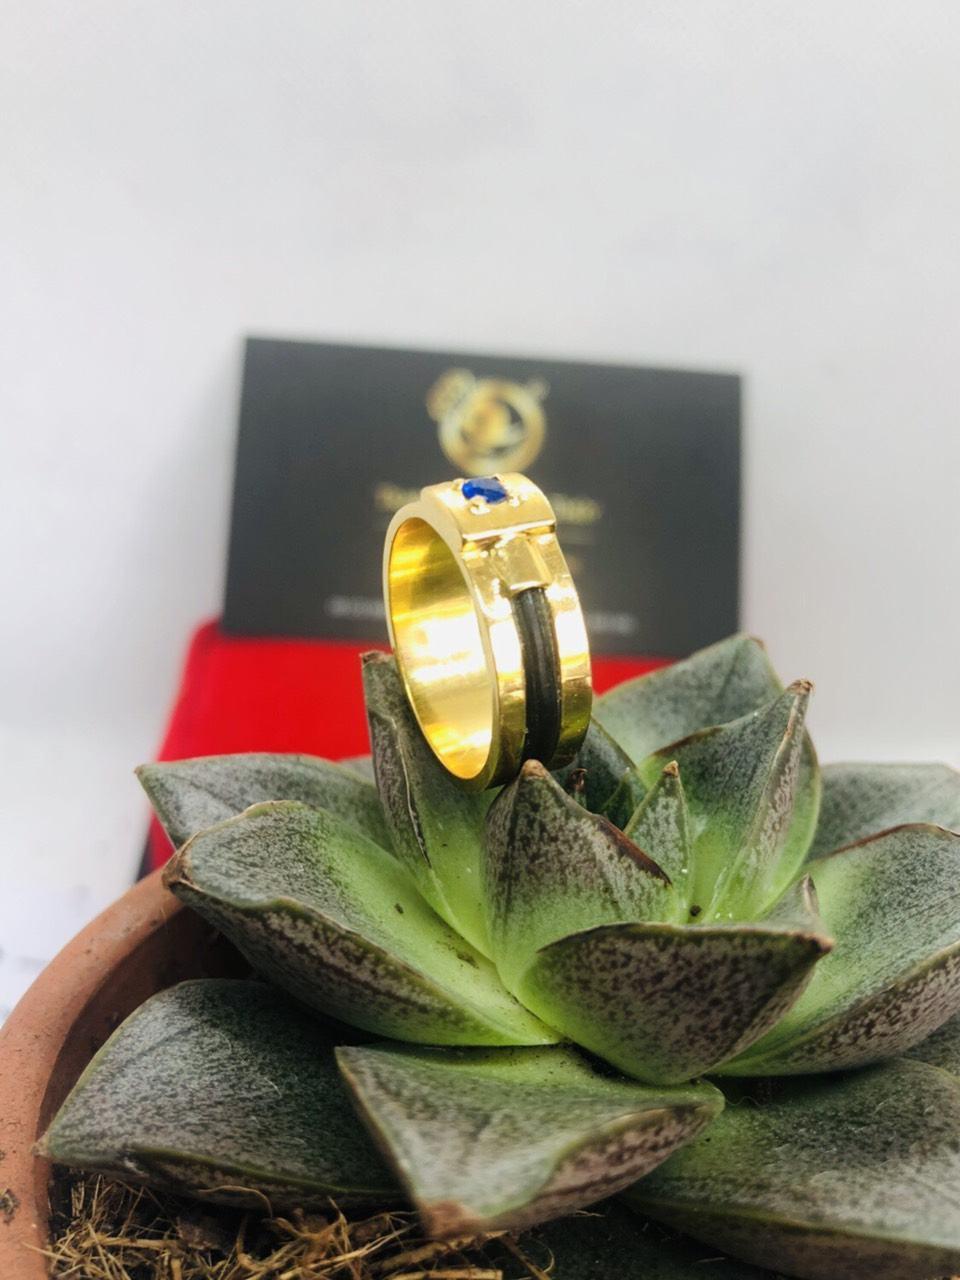 Nhẫn nam vàng mặt đá vuông Tourmaline xanh dương giá trị cao